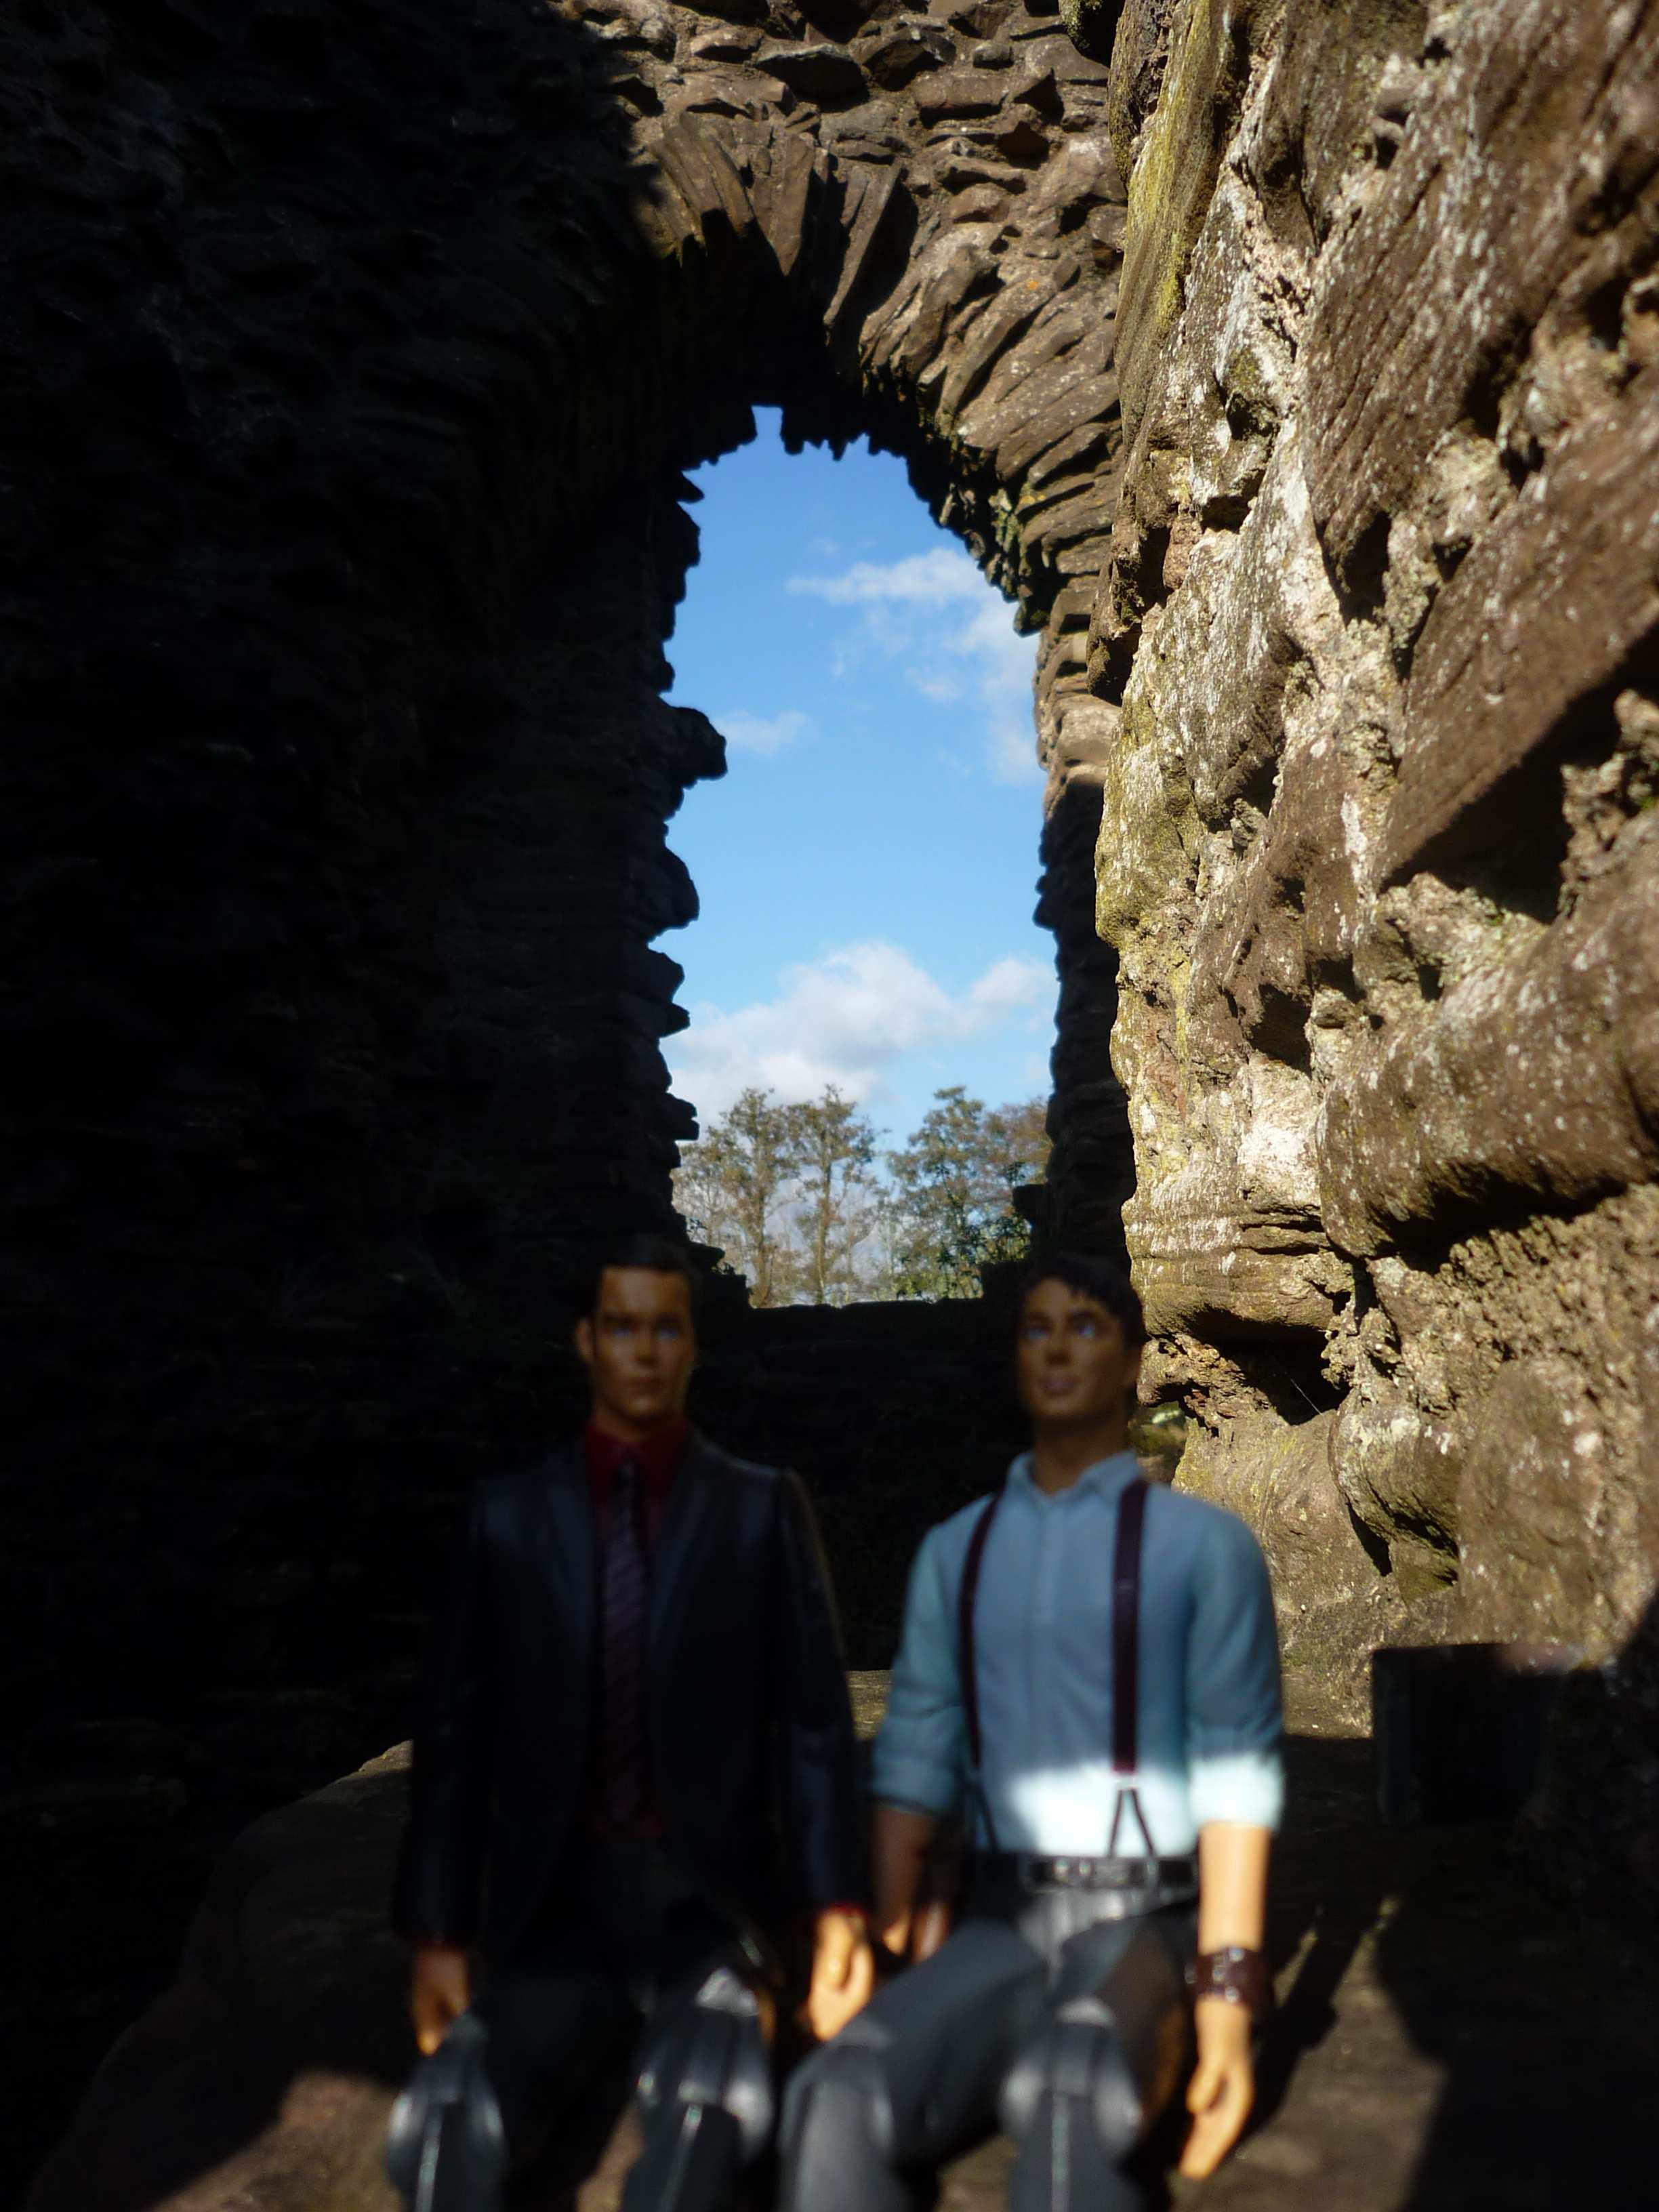 2012.11.05 -03- Skenfrith Castle